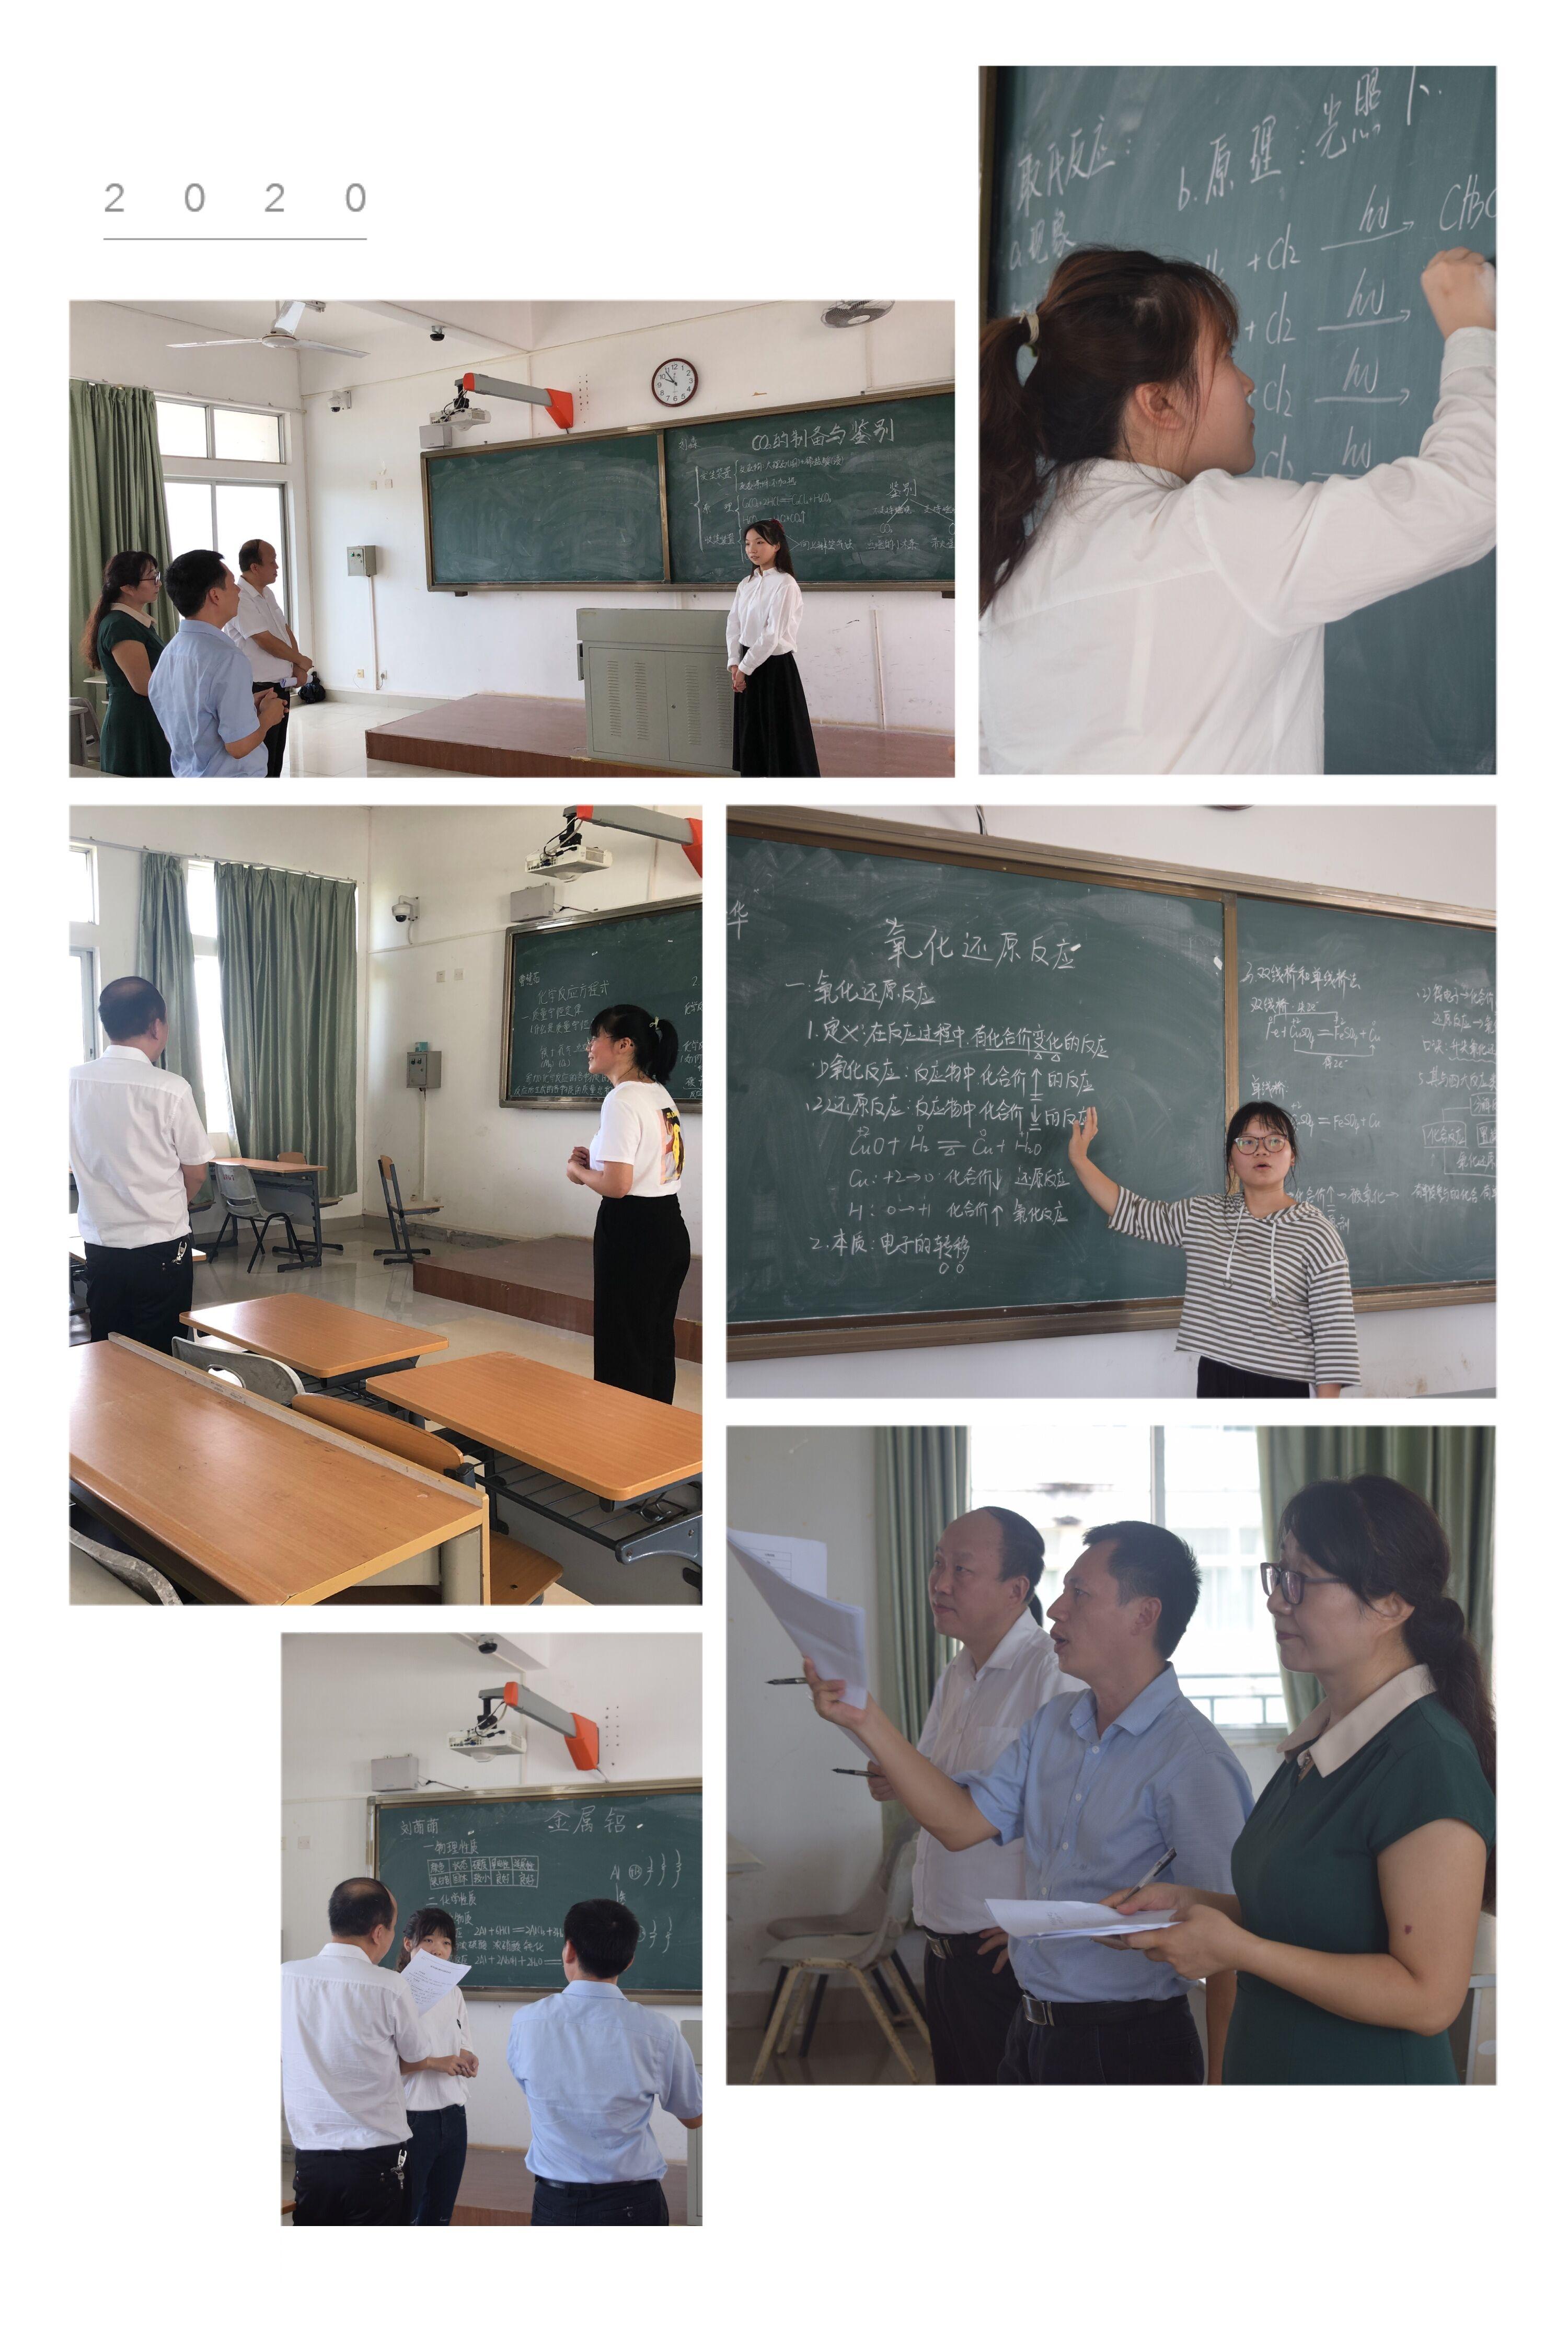 我院举办第十届大学生教师技能大赛之板书技能比赛